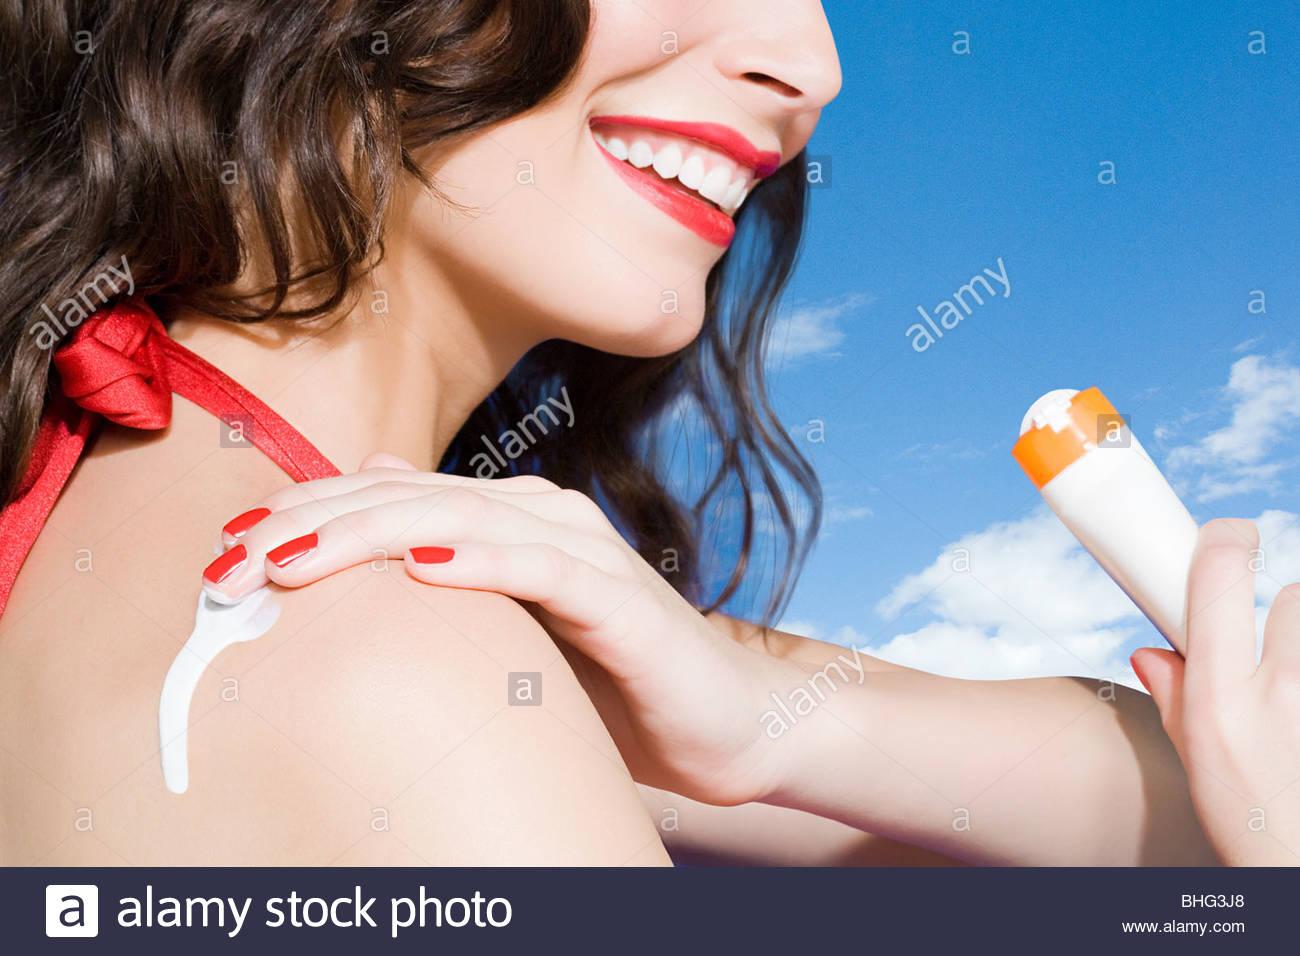 Young woman applying suncream - Stock Image